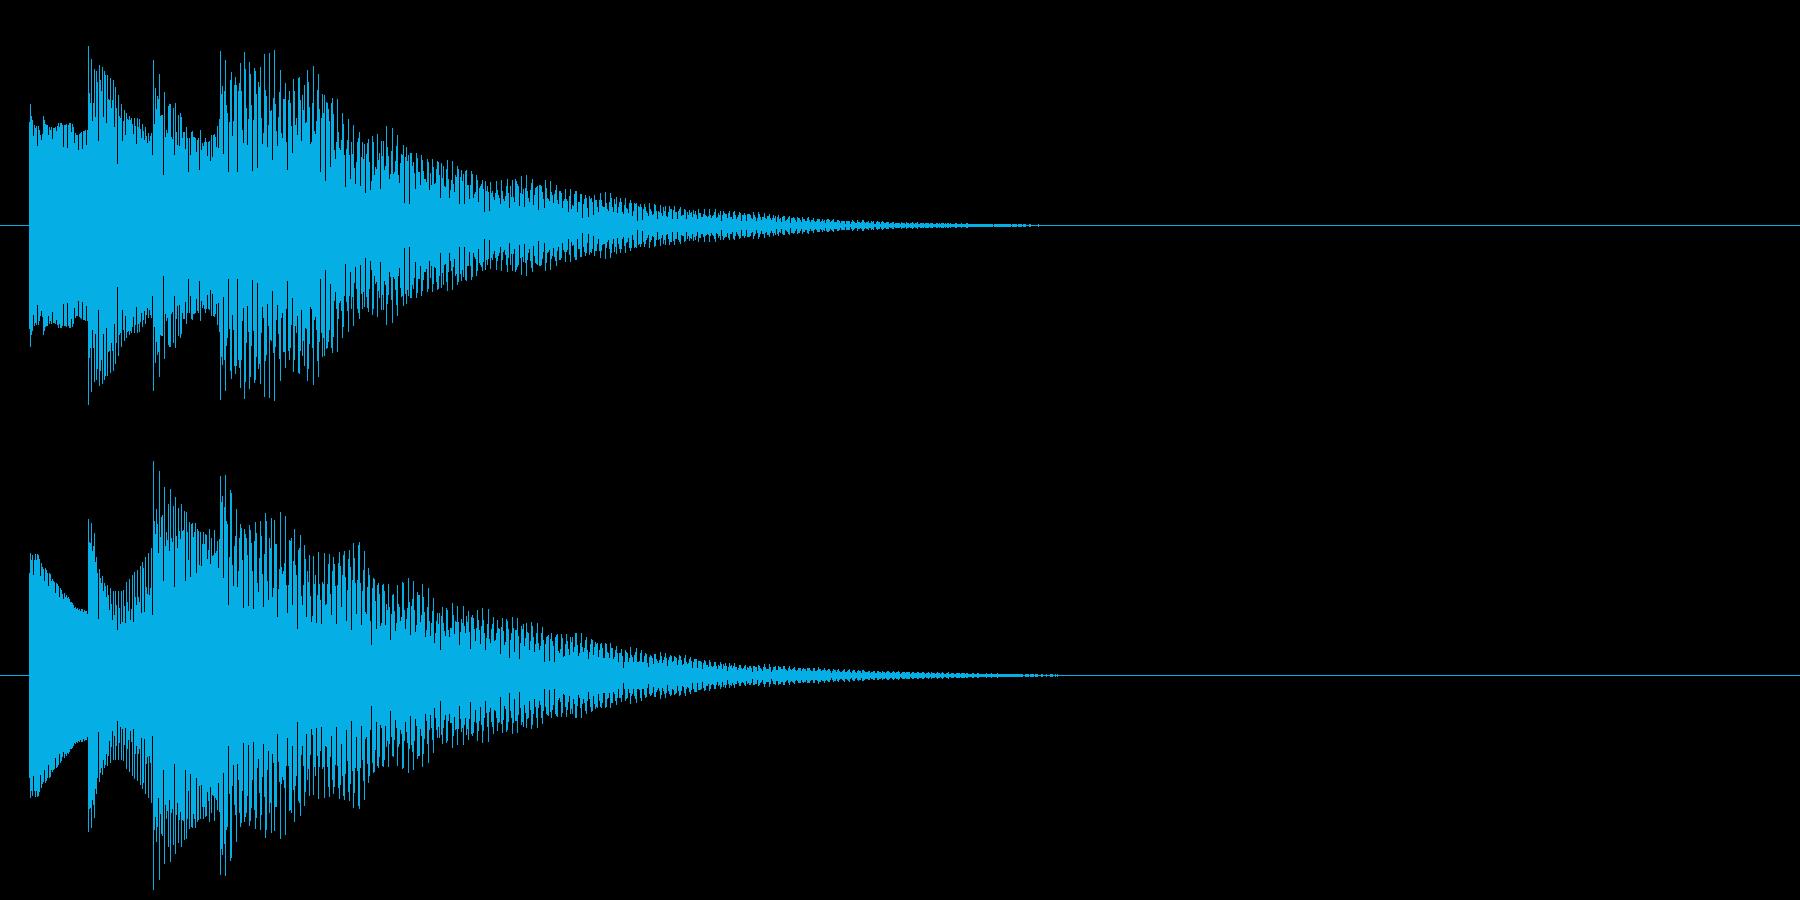 アラーム音06 ベル(add9)の再生済みの波形